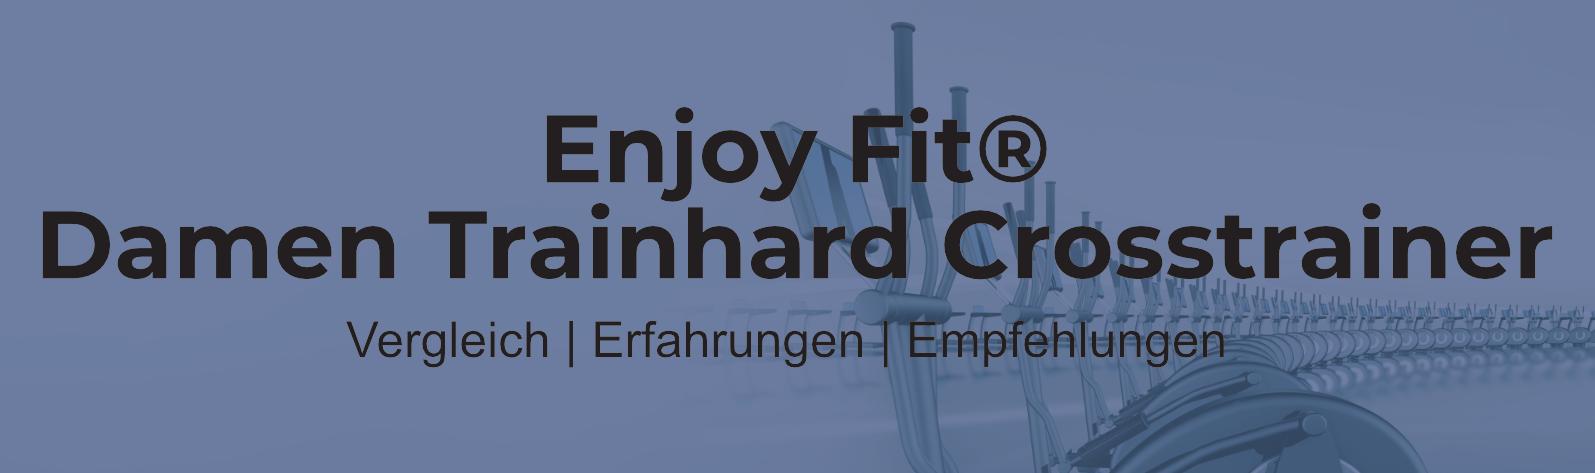 Enjoy Fit Crosstrainer F330 – Vergleich & alle Infos